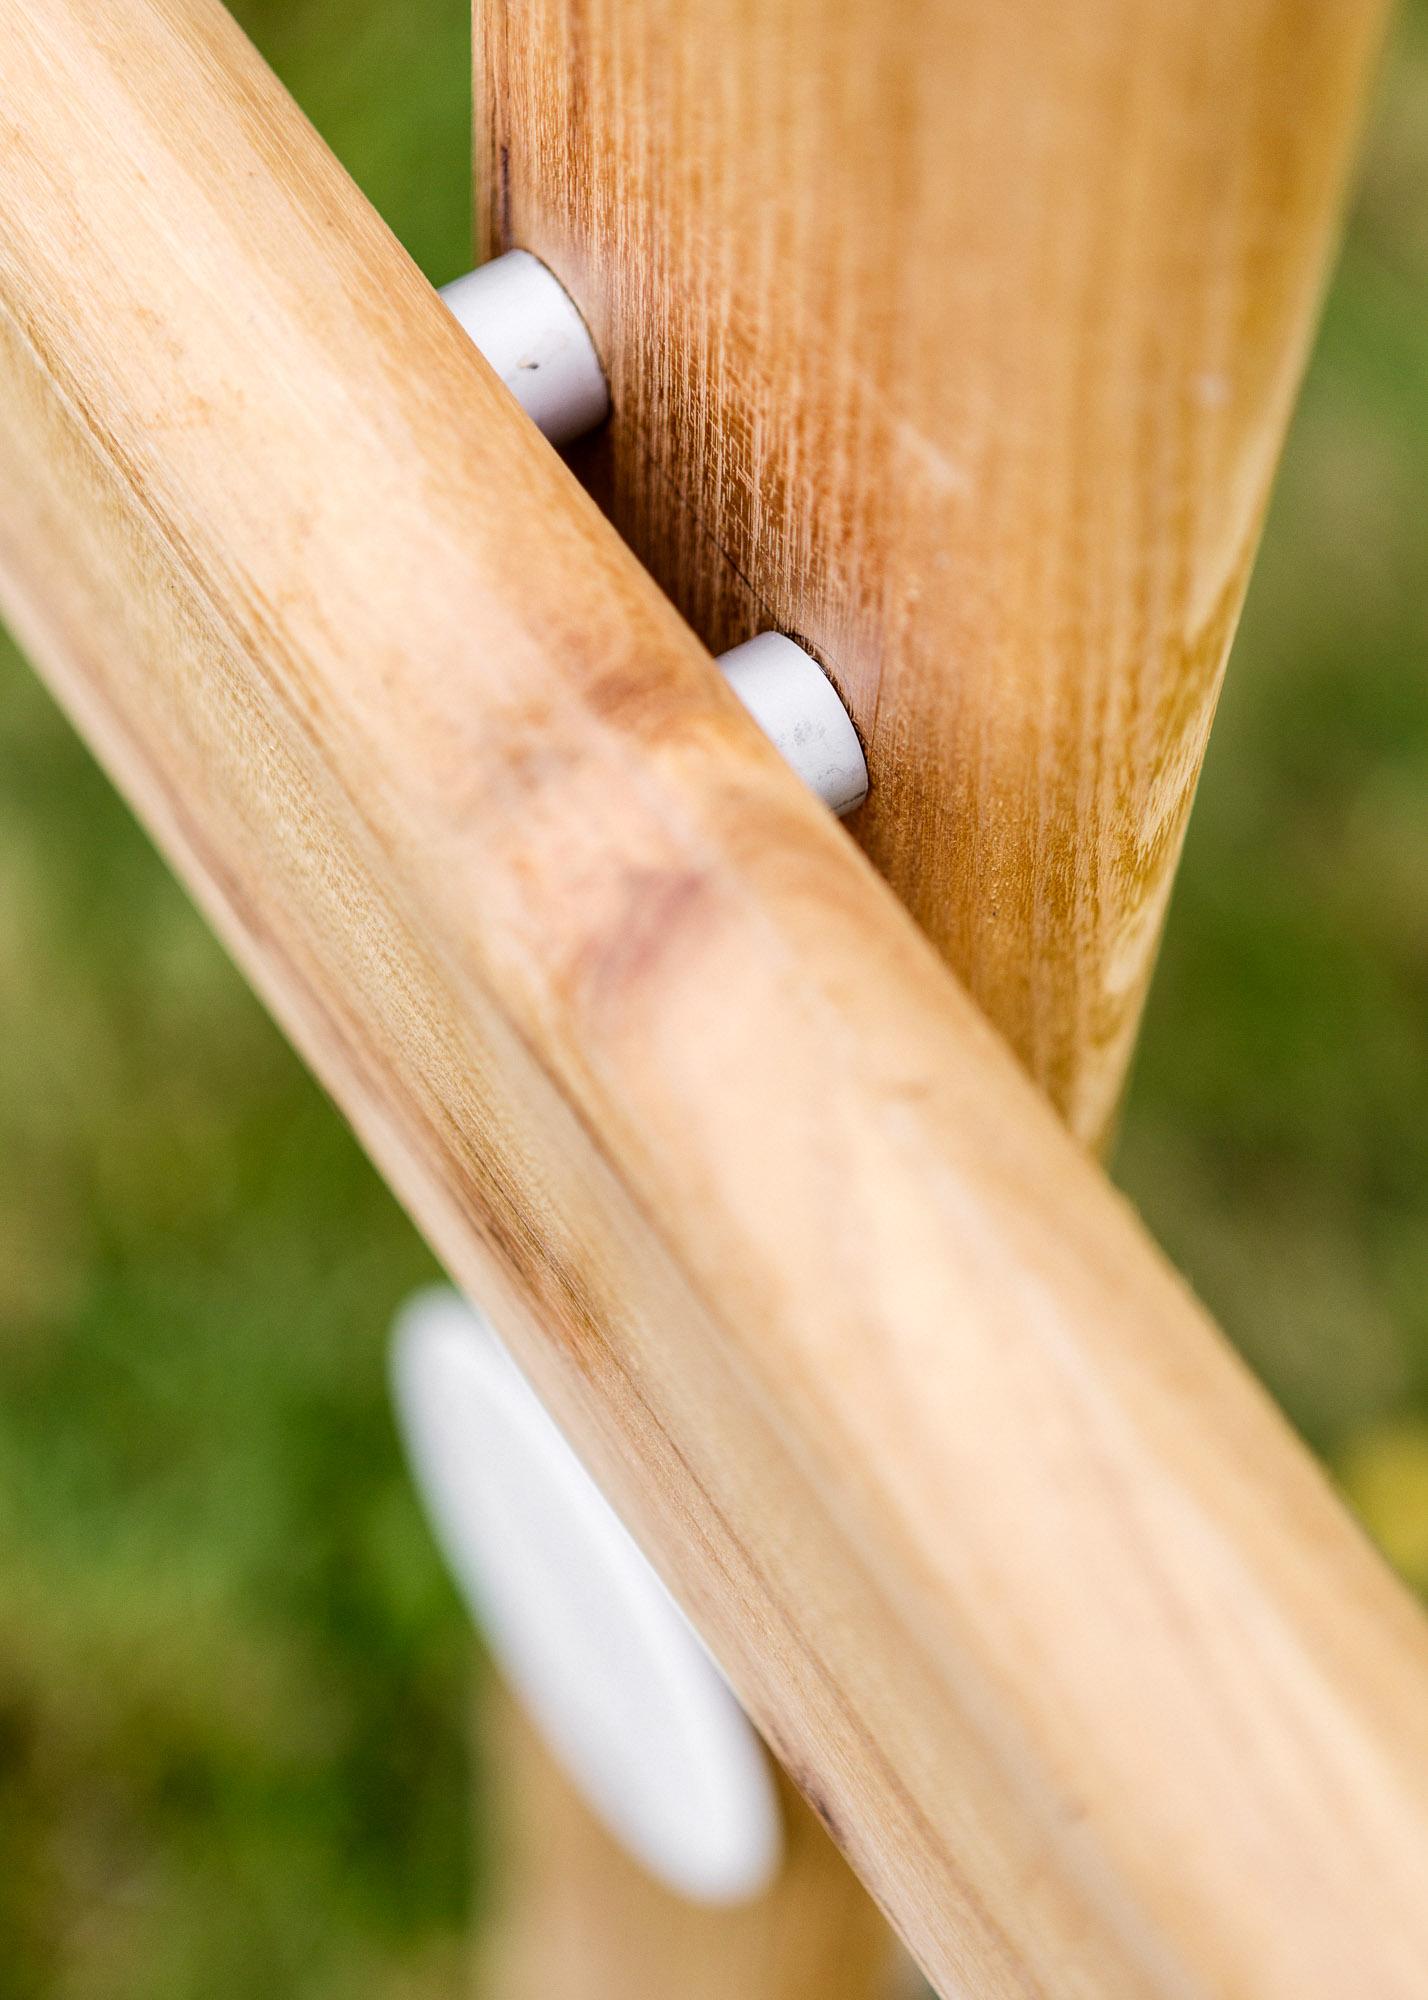 Grabmal - Holzkreuz mit kleinem rundem Emailleschild als Erdgrabmal